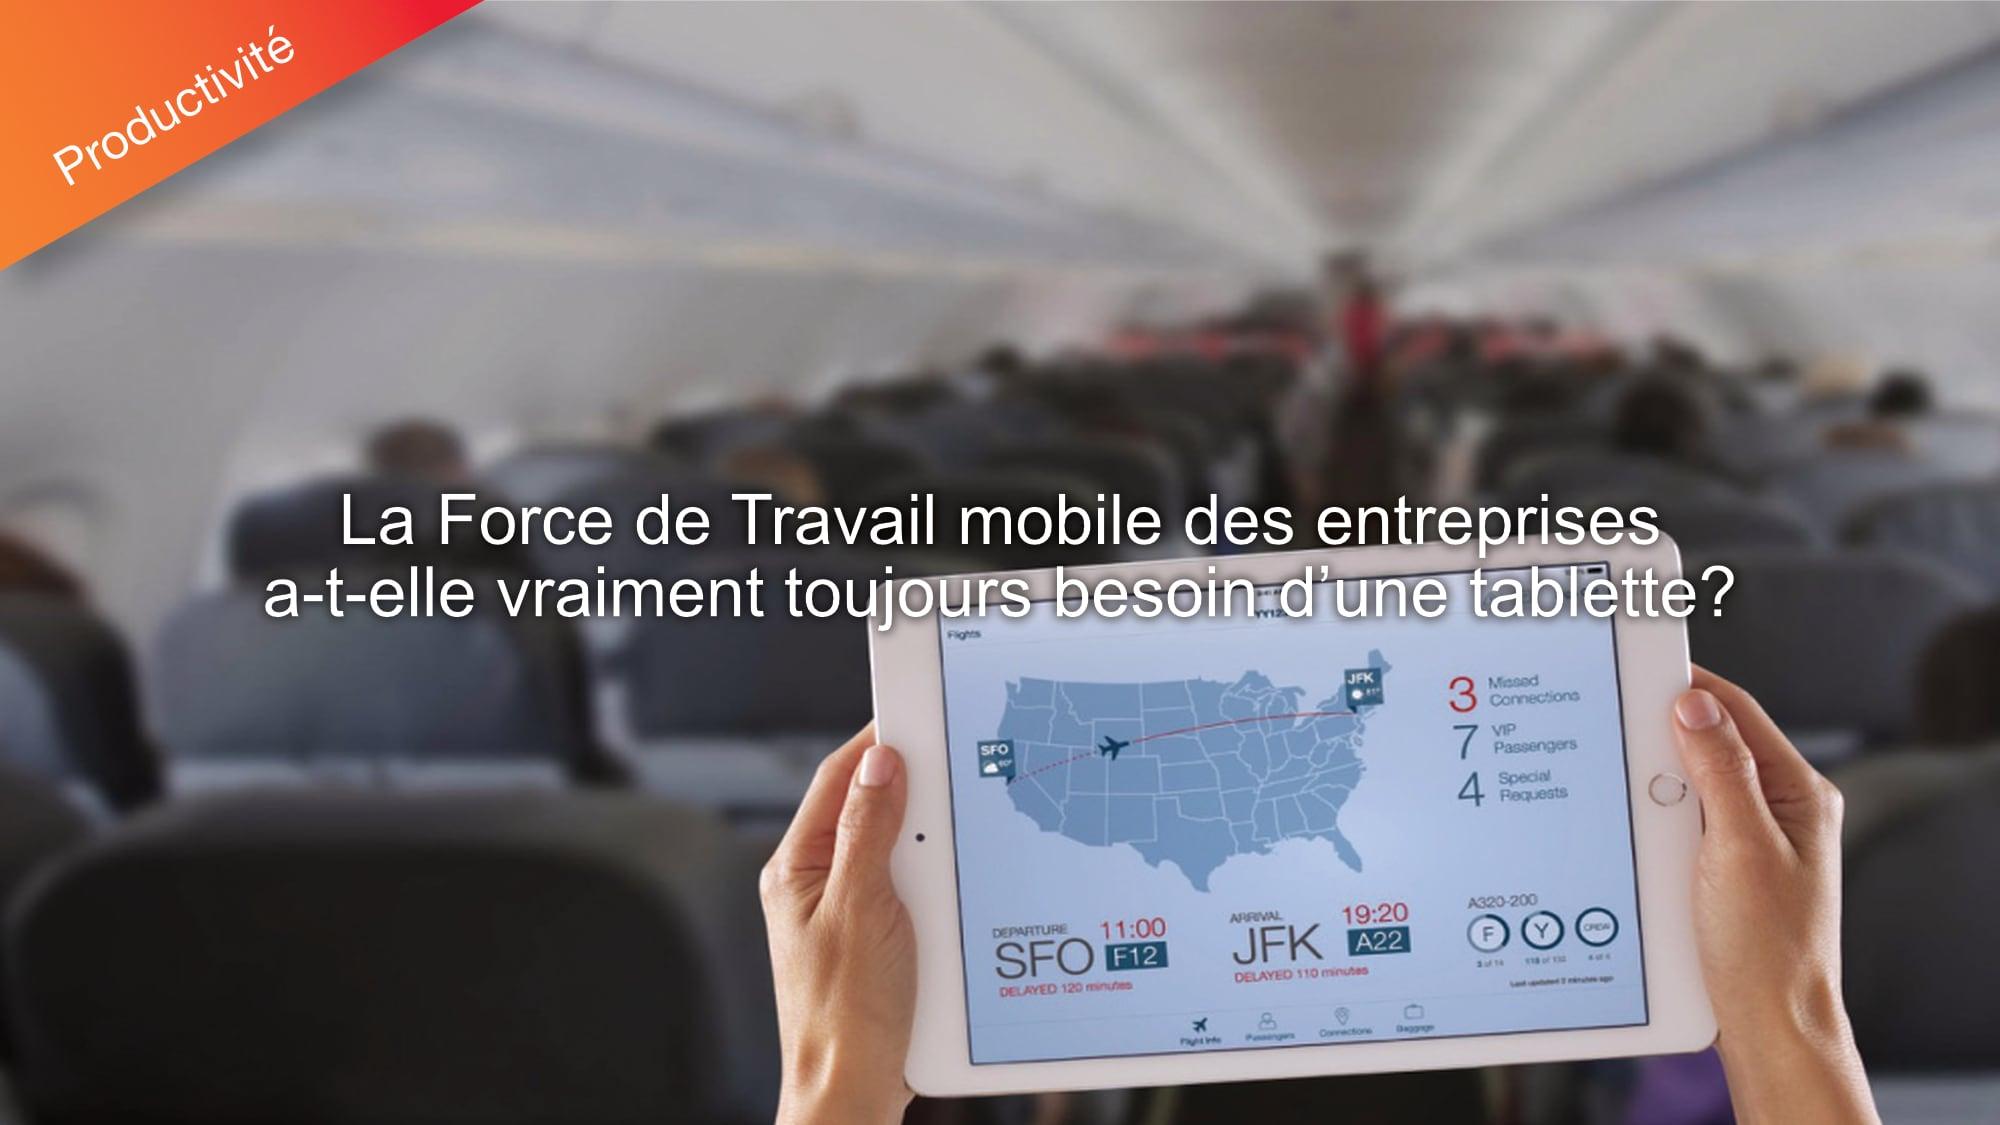 tablettes pour la force de Travail mobile